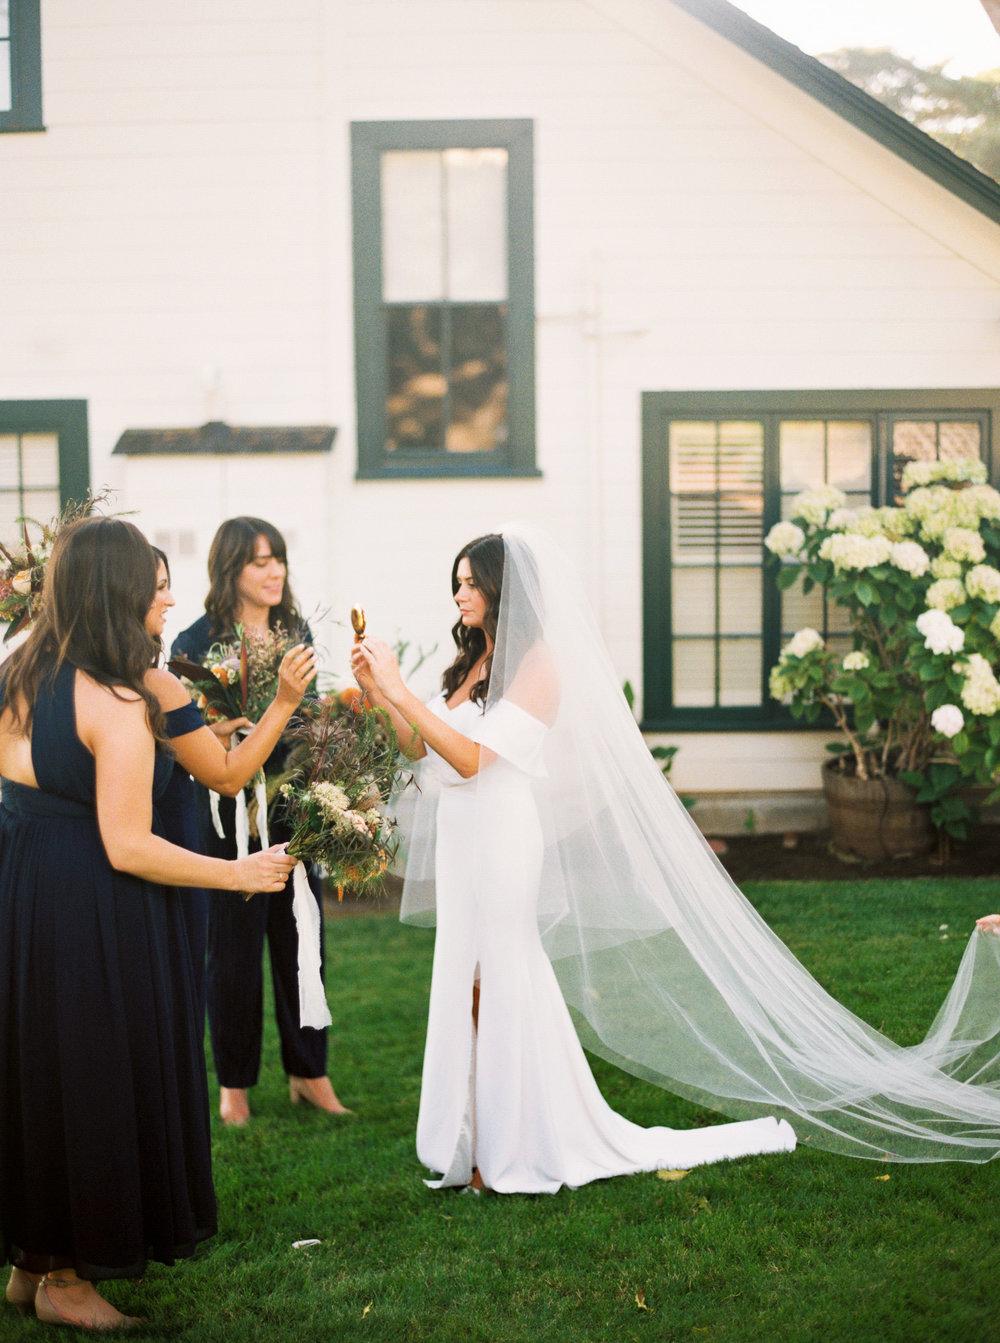 018carmel_california_destination_wedding_photography_wedding_videography_mission_ranch.jpg